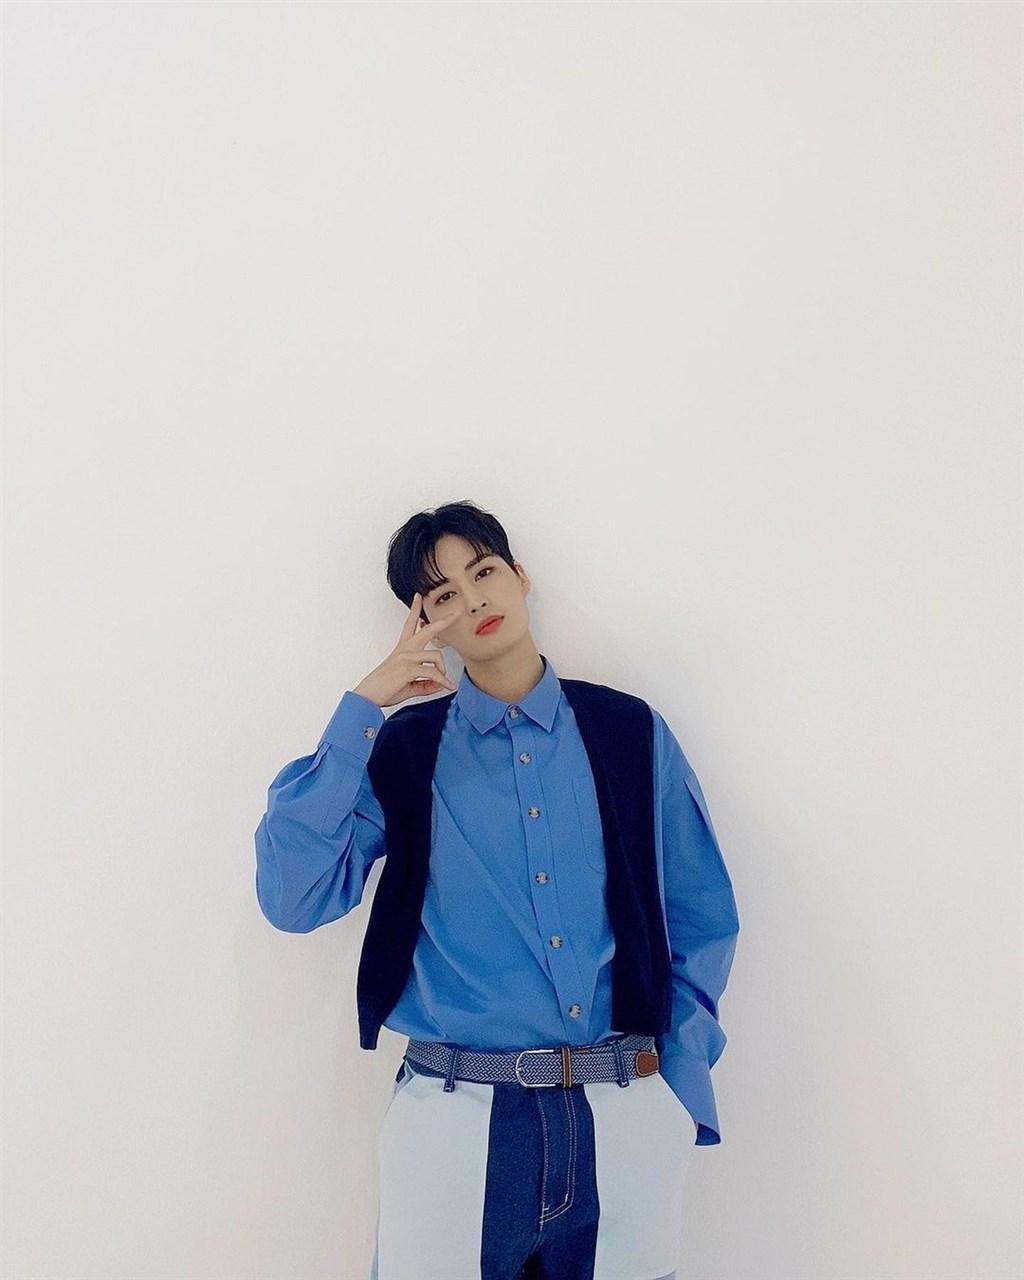 韓國偶像團體UP10TION的成員碧土與高潔(圖)先後確診武漢肺炎,其他成員則為陰性。(圖取自instagram.com/u10t_official)